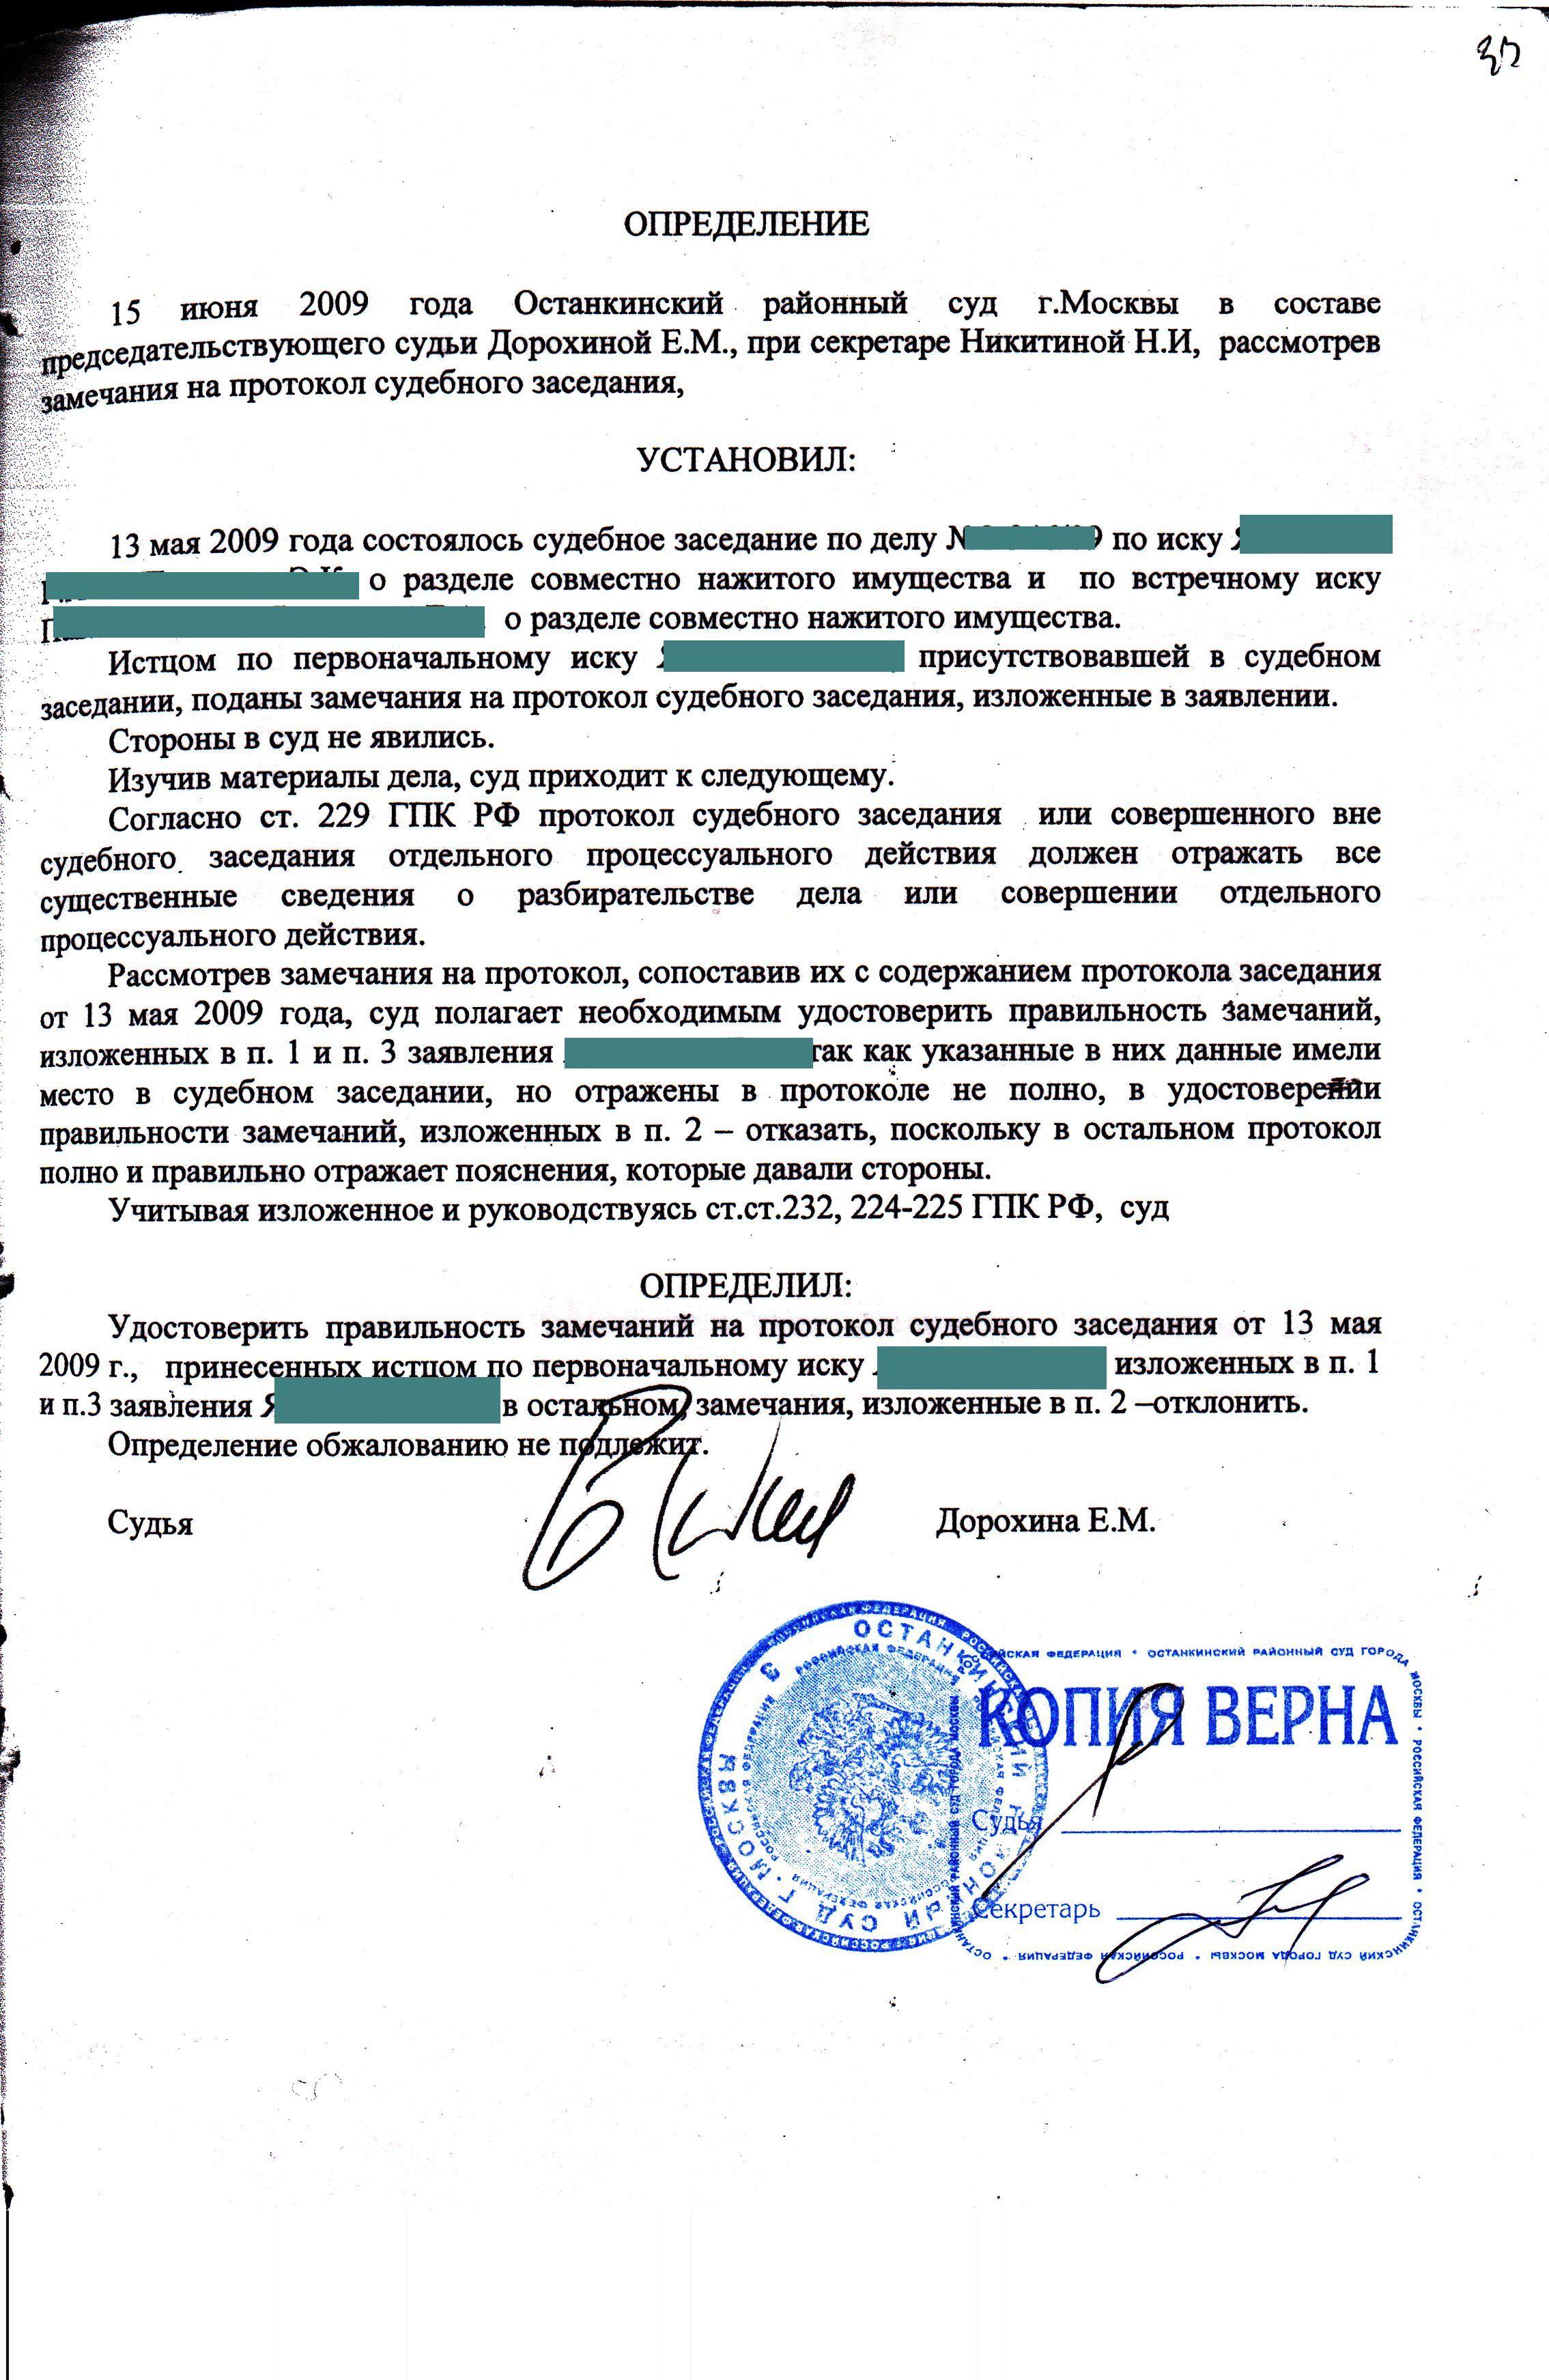 """Quot;Трудовой кодекс Российской Федерации"""" от N 197"""